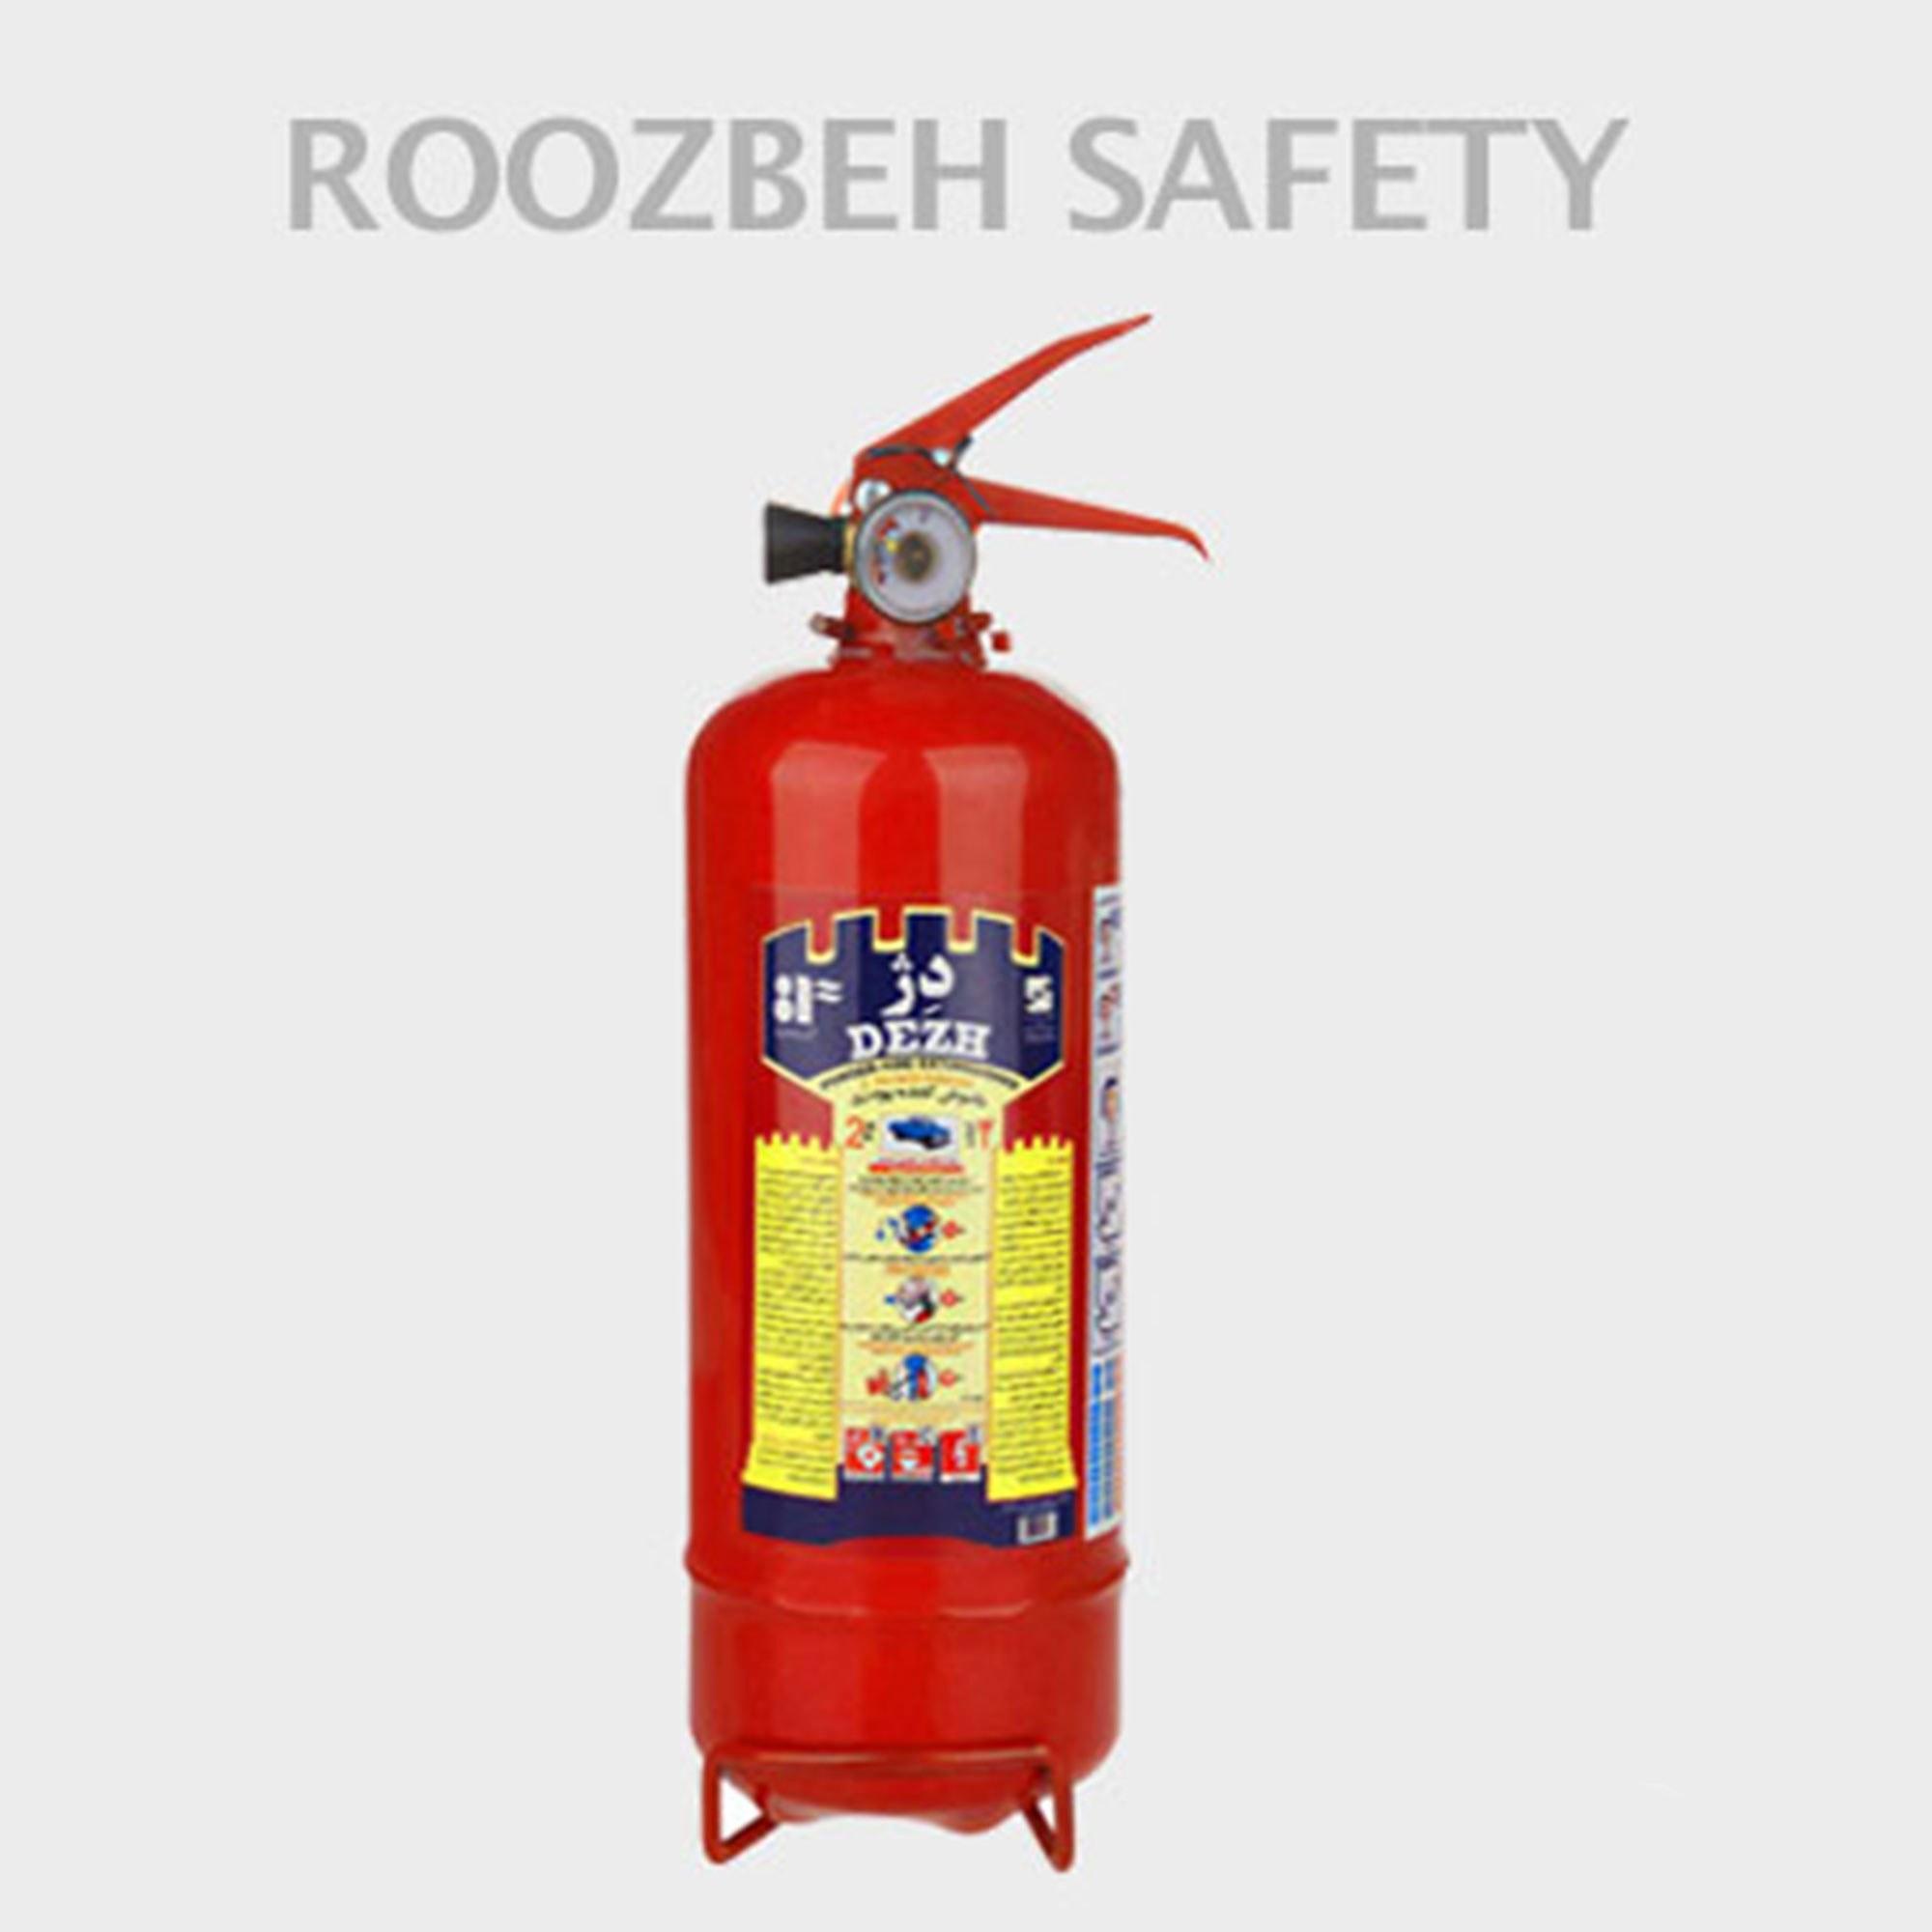 تصویر کپسول آتش نشانی پودری دژ ۲ کیلوگرم